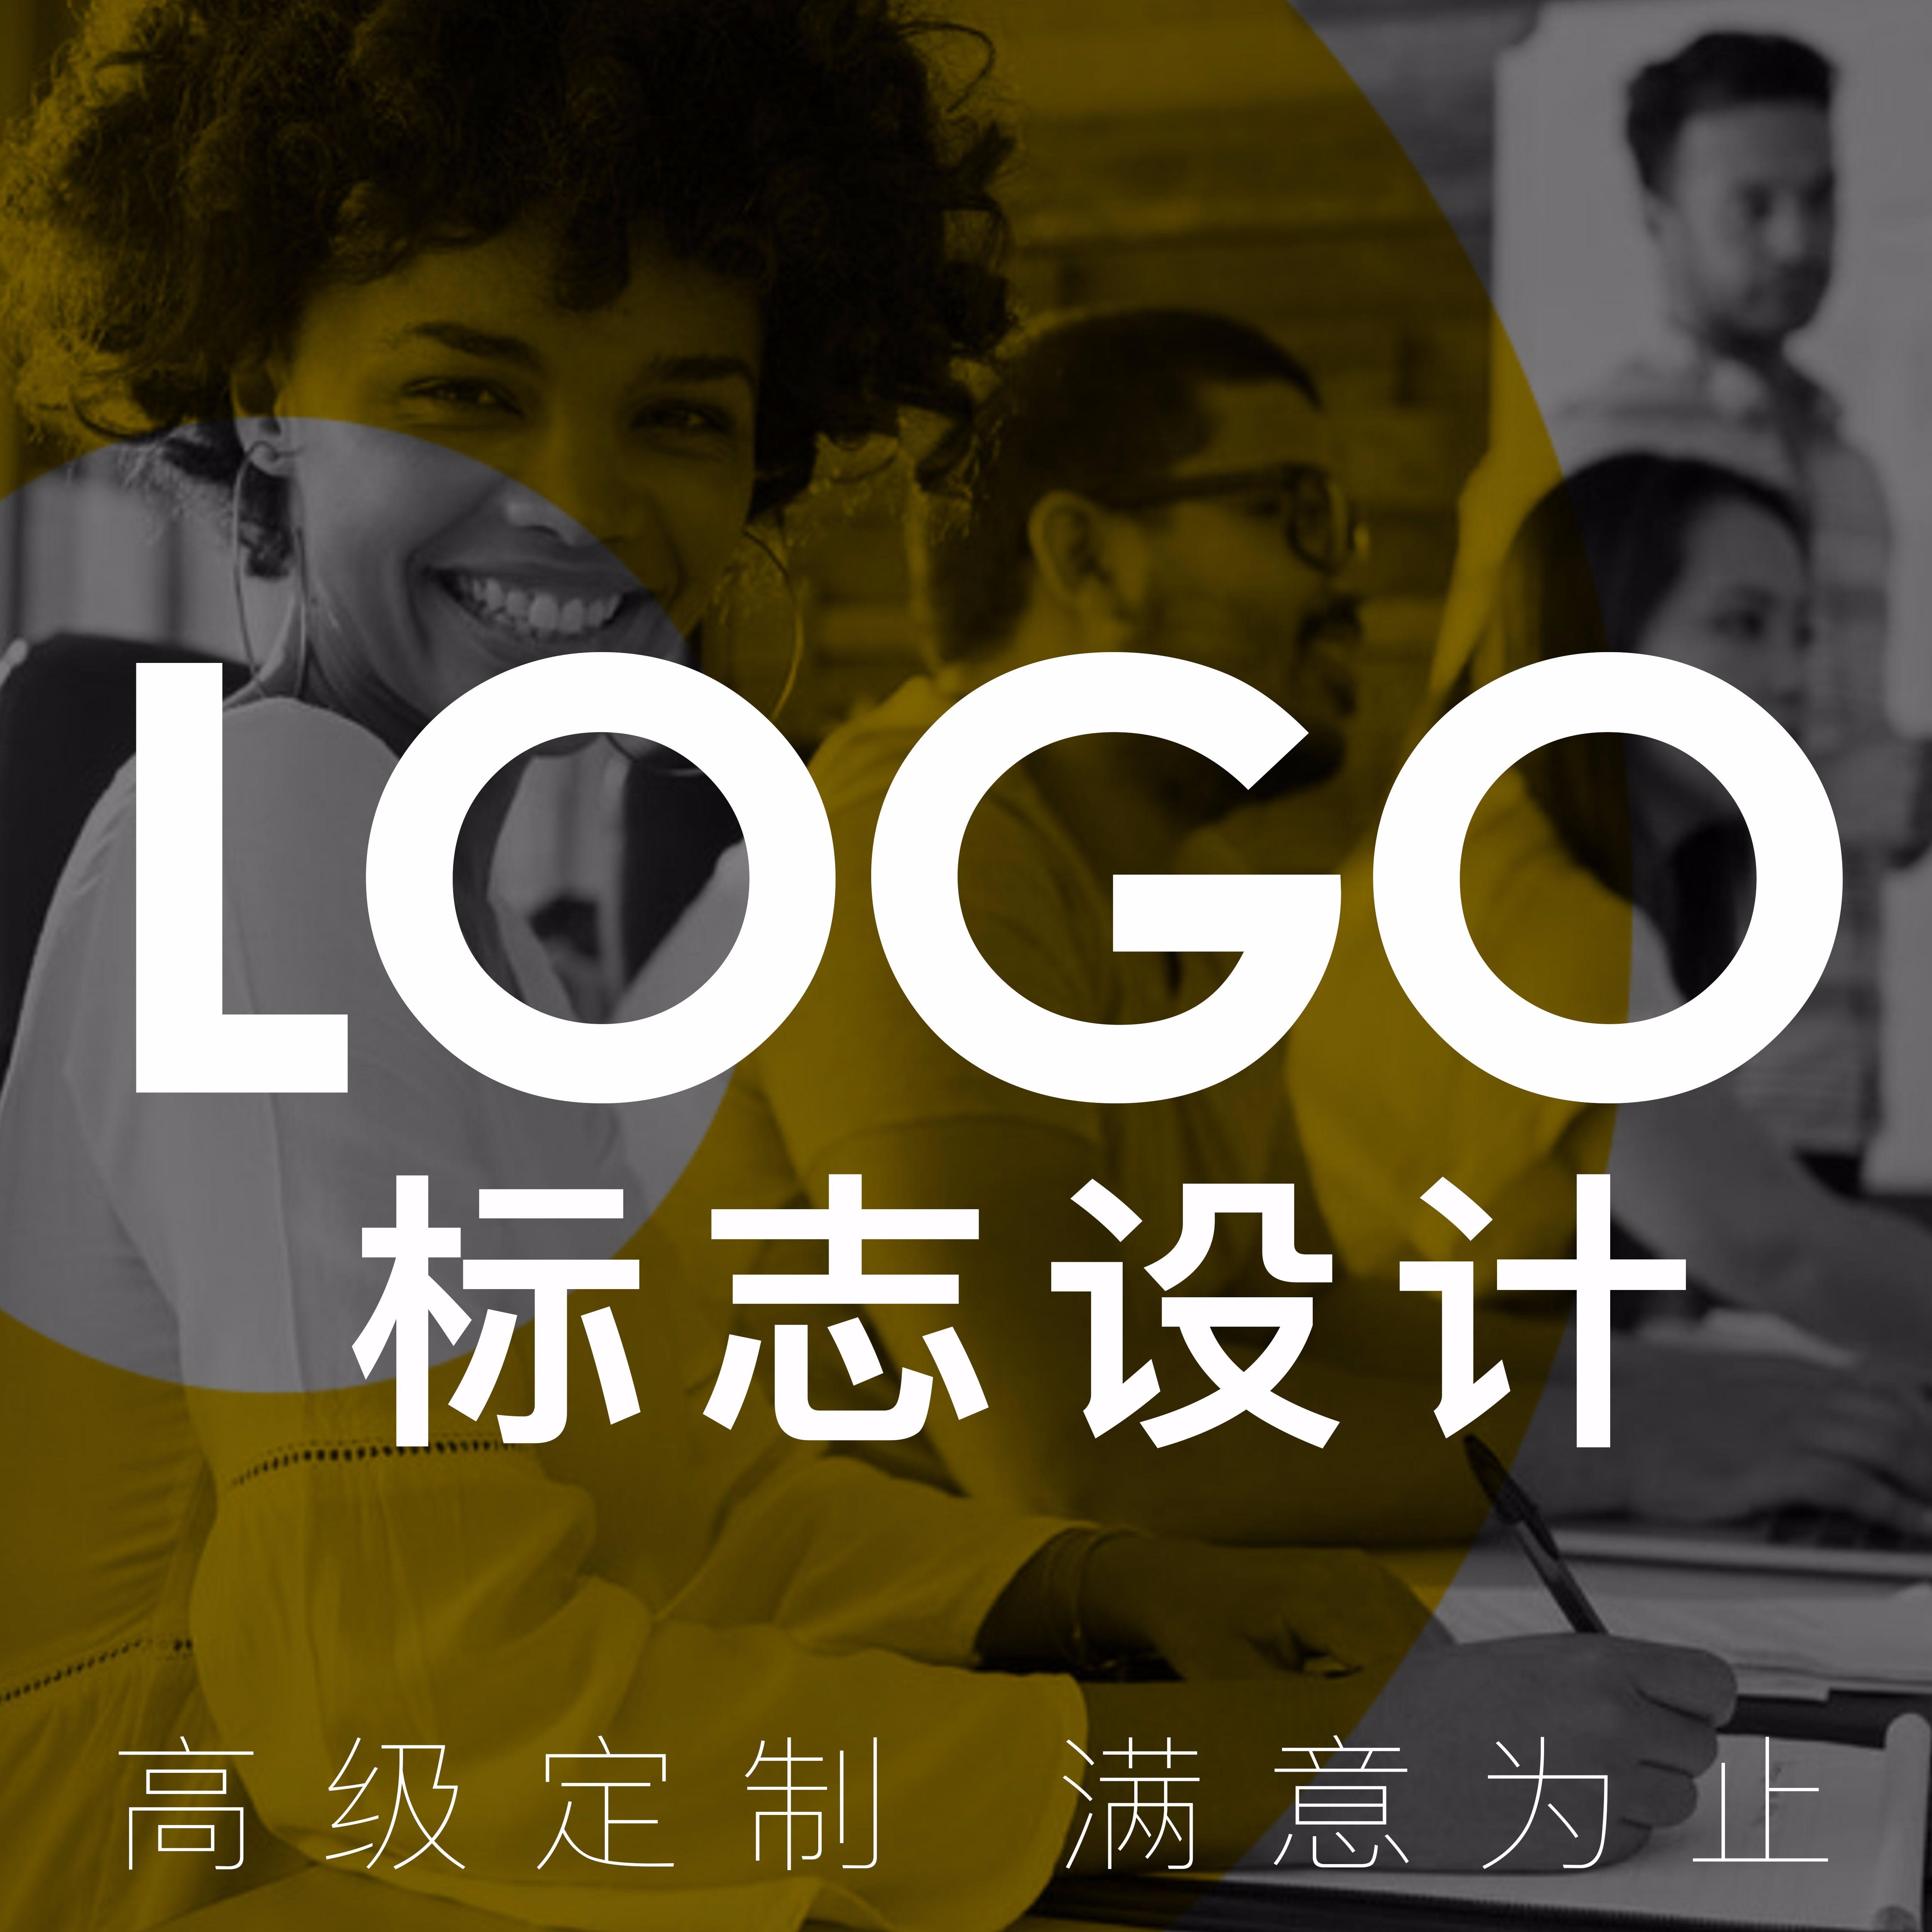 品牌 LOGO 设计公司 logo 设计商标设计企业 logo 标志设计